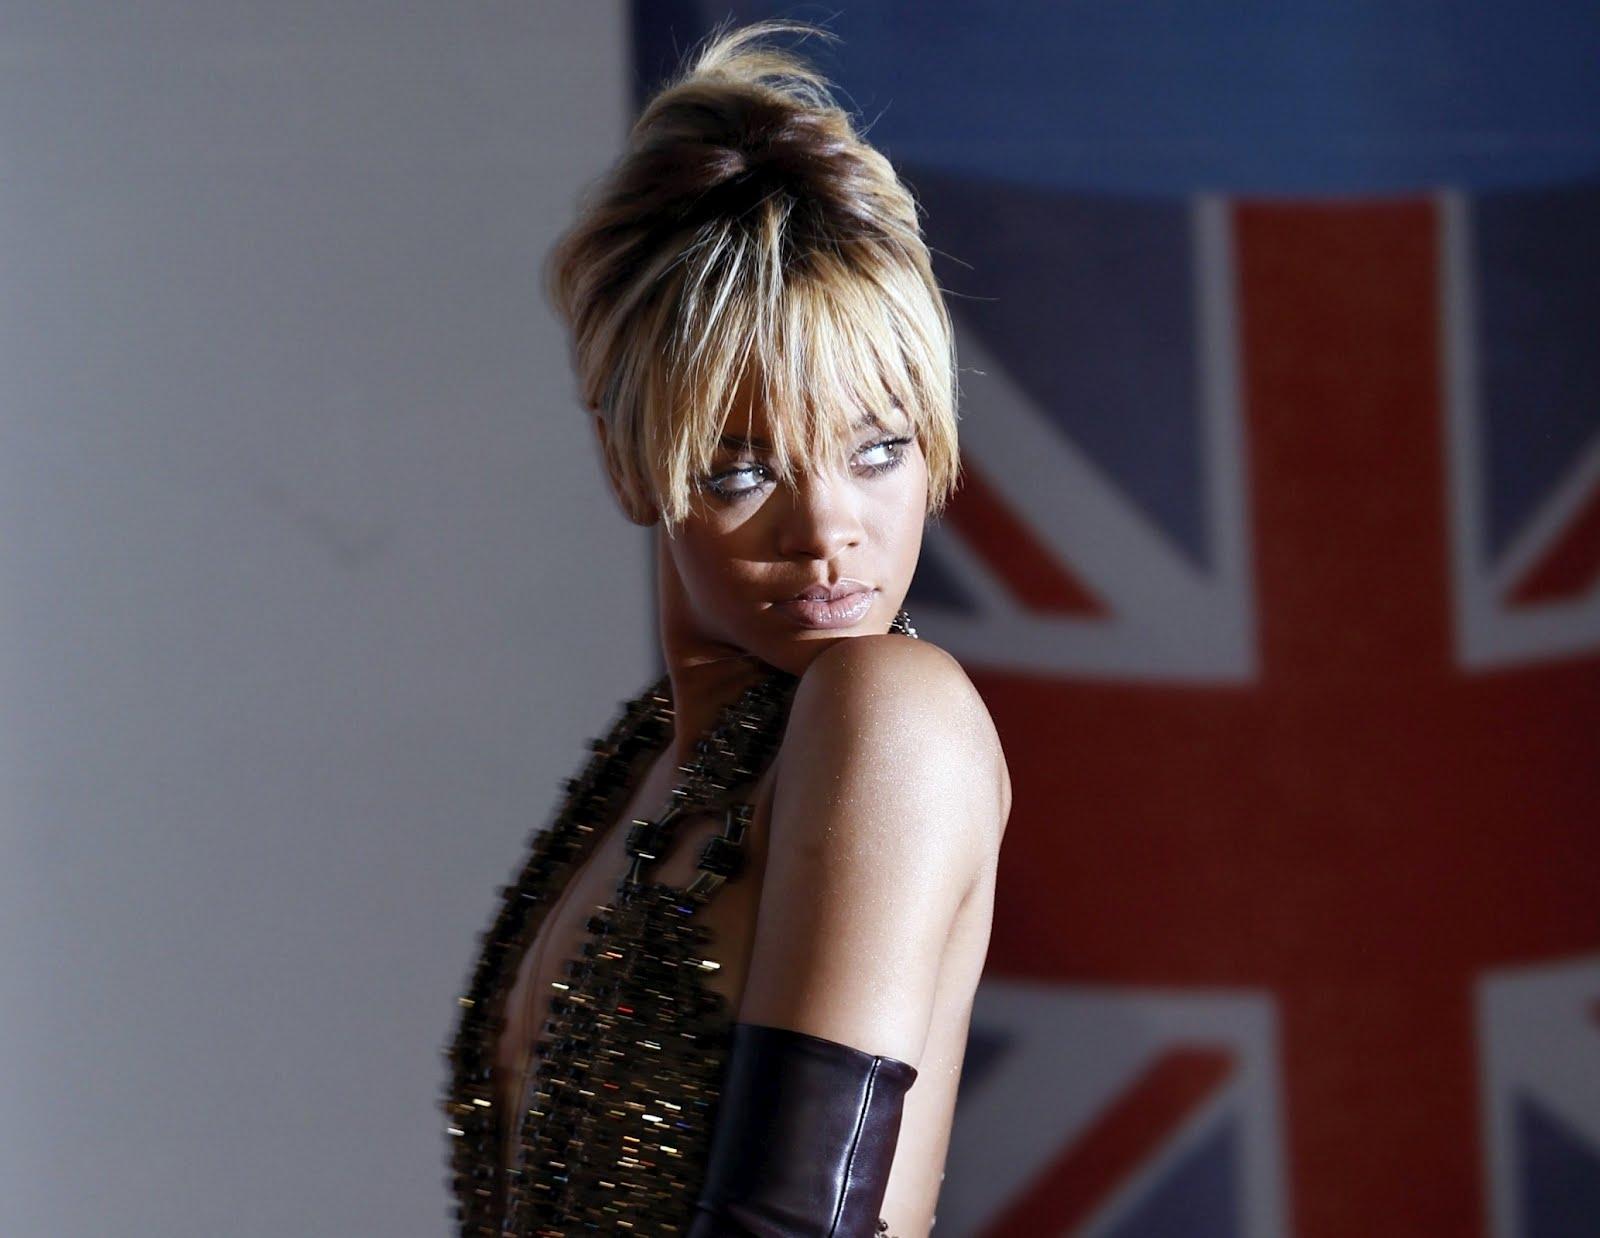 http://4.bp.blogspot.com/-t5GBuVa-Mko/T0Rehuk_5xI/AAAAAAAAFZk/MX5wnvsId7A/s1600/Rihanna%2B%25E2%2580%2593%2BBrit%2BAwards%2B2012%2Bin%2BLondon%2B6.jpg